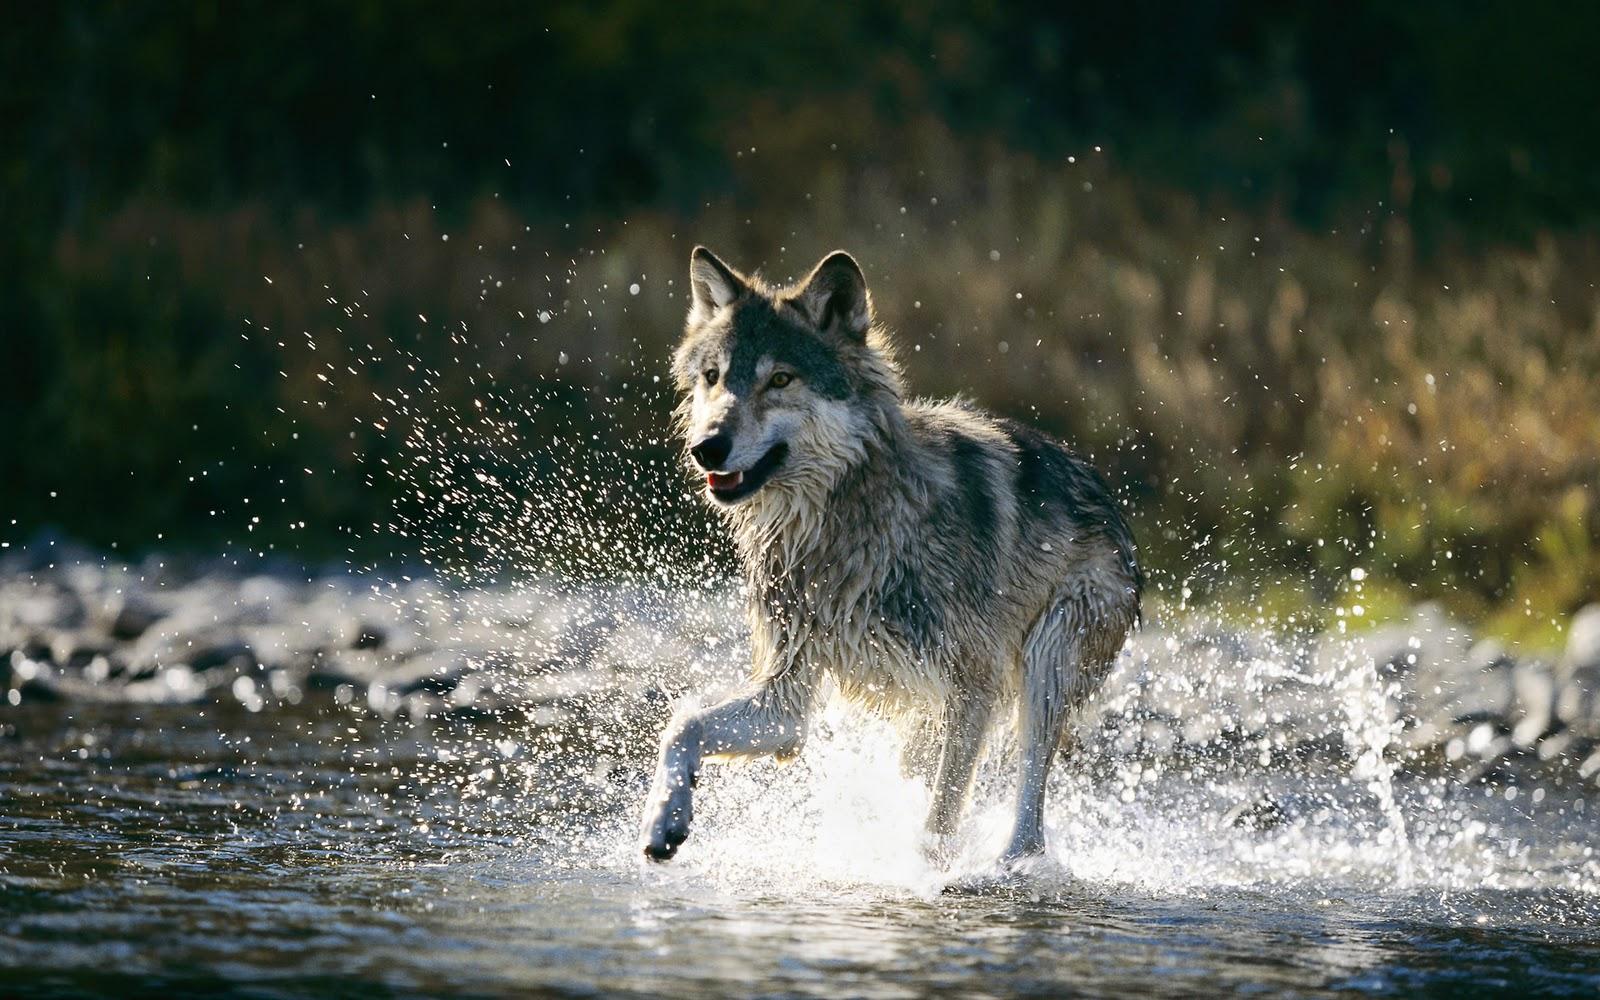 wolf wallpaper background 1600x1000